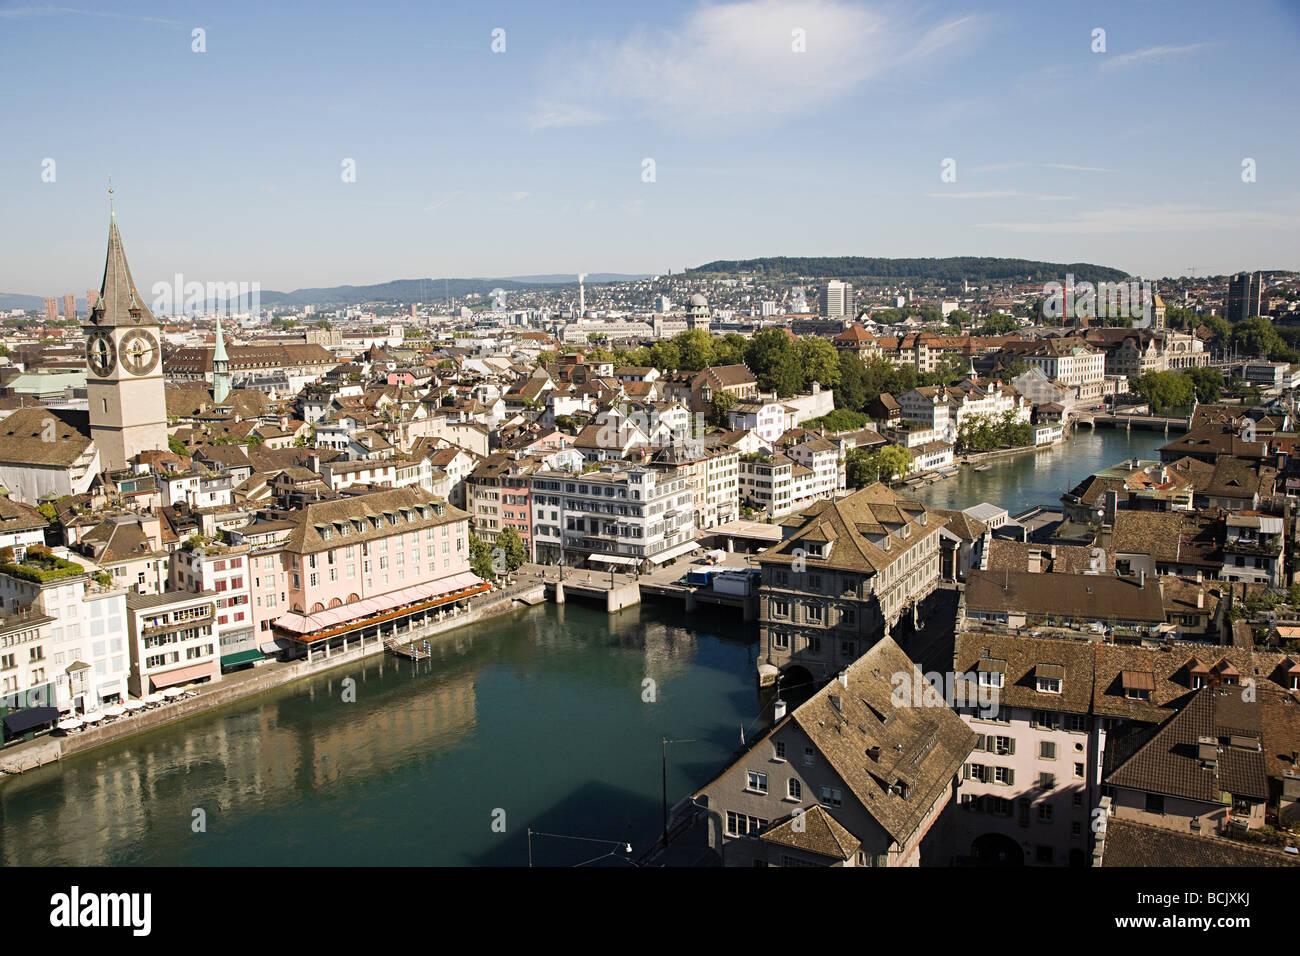 Vista in elevazione di Zurigo Immagini Stock